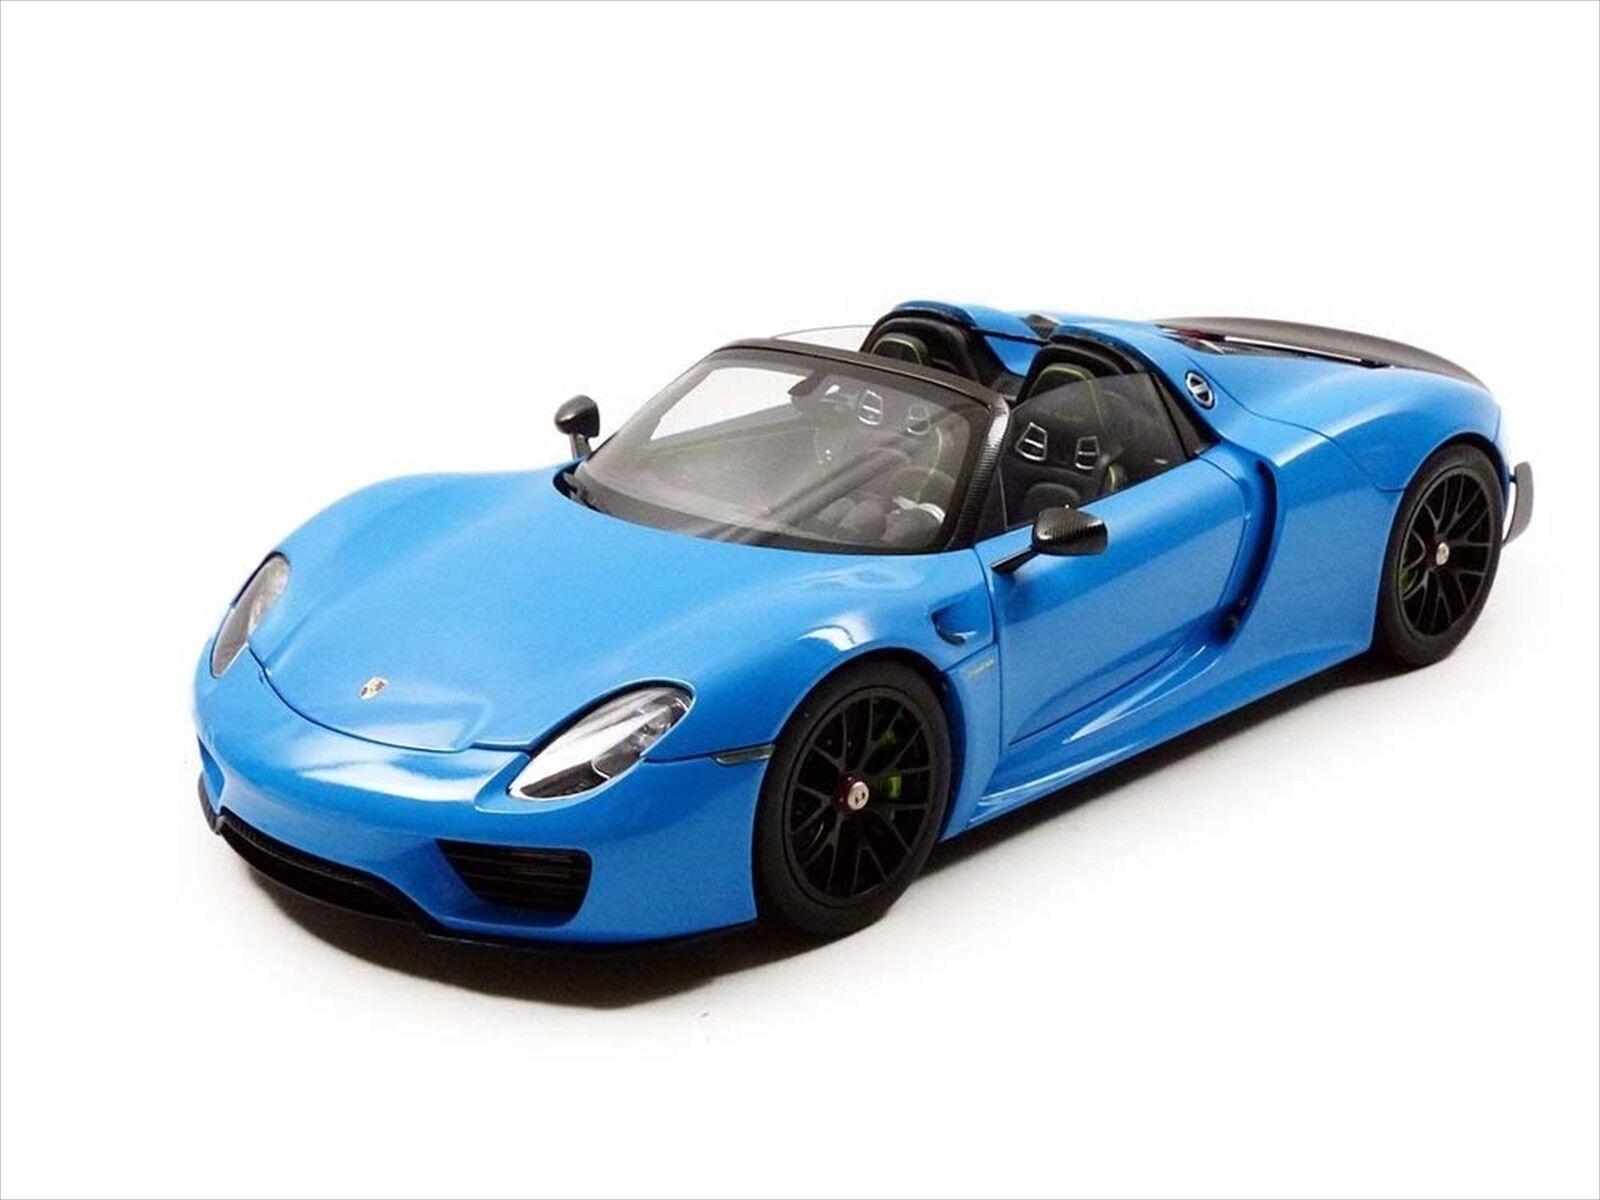 AUTOart 1 18  PORSCHE 918 Spider byzacher Paquet Bleu Clair 77924 Japan nouveau  détaillants en ligne